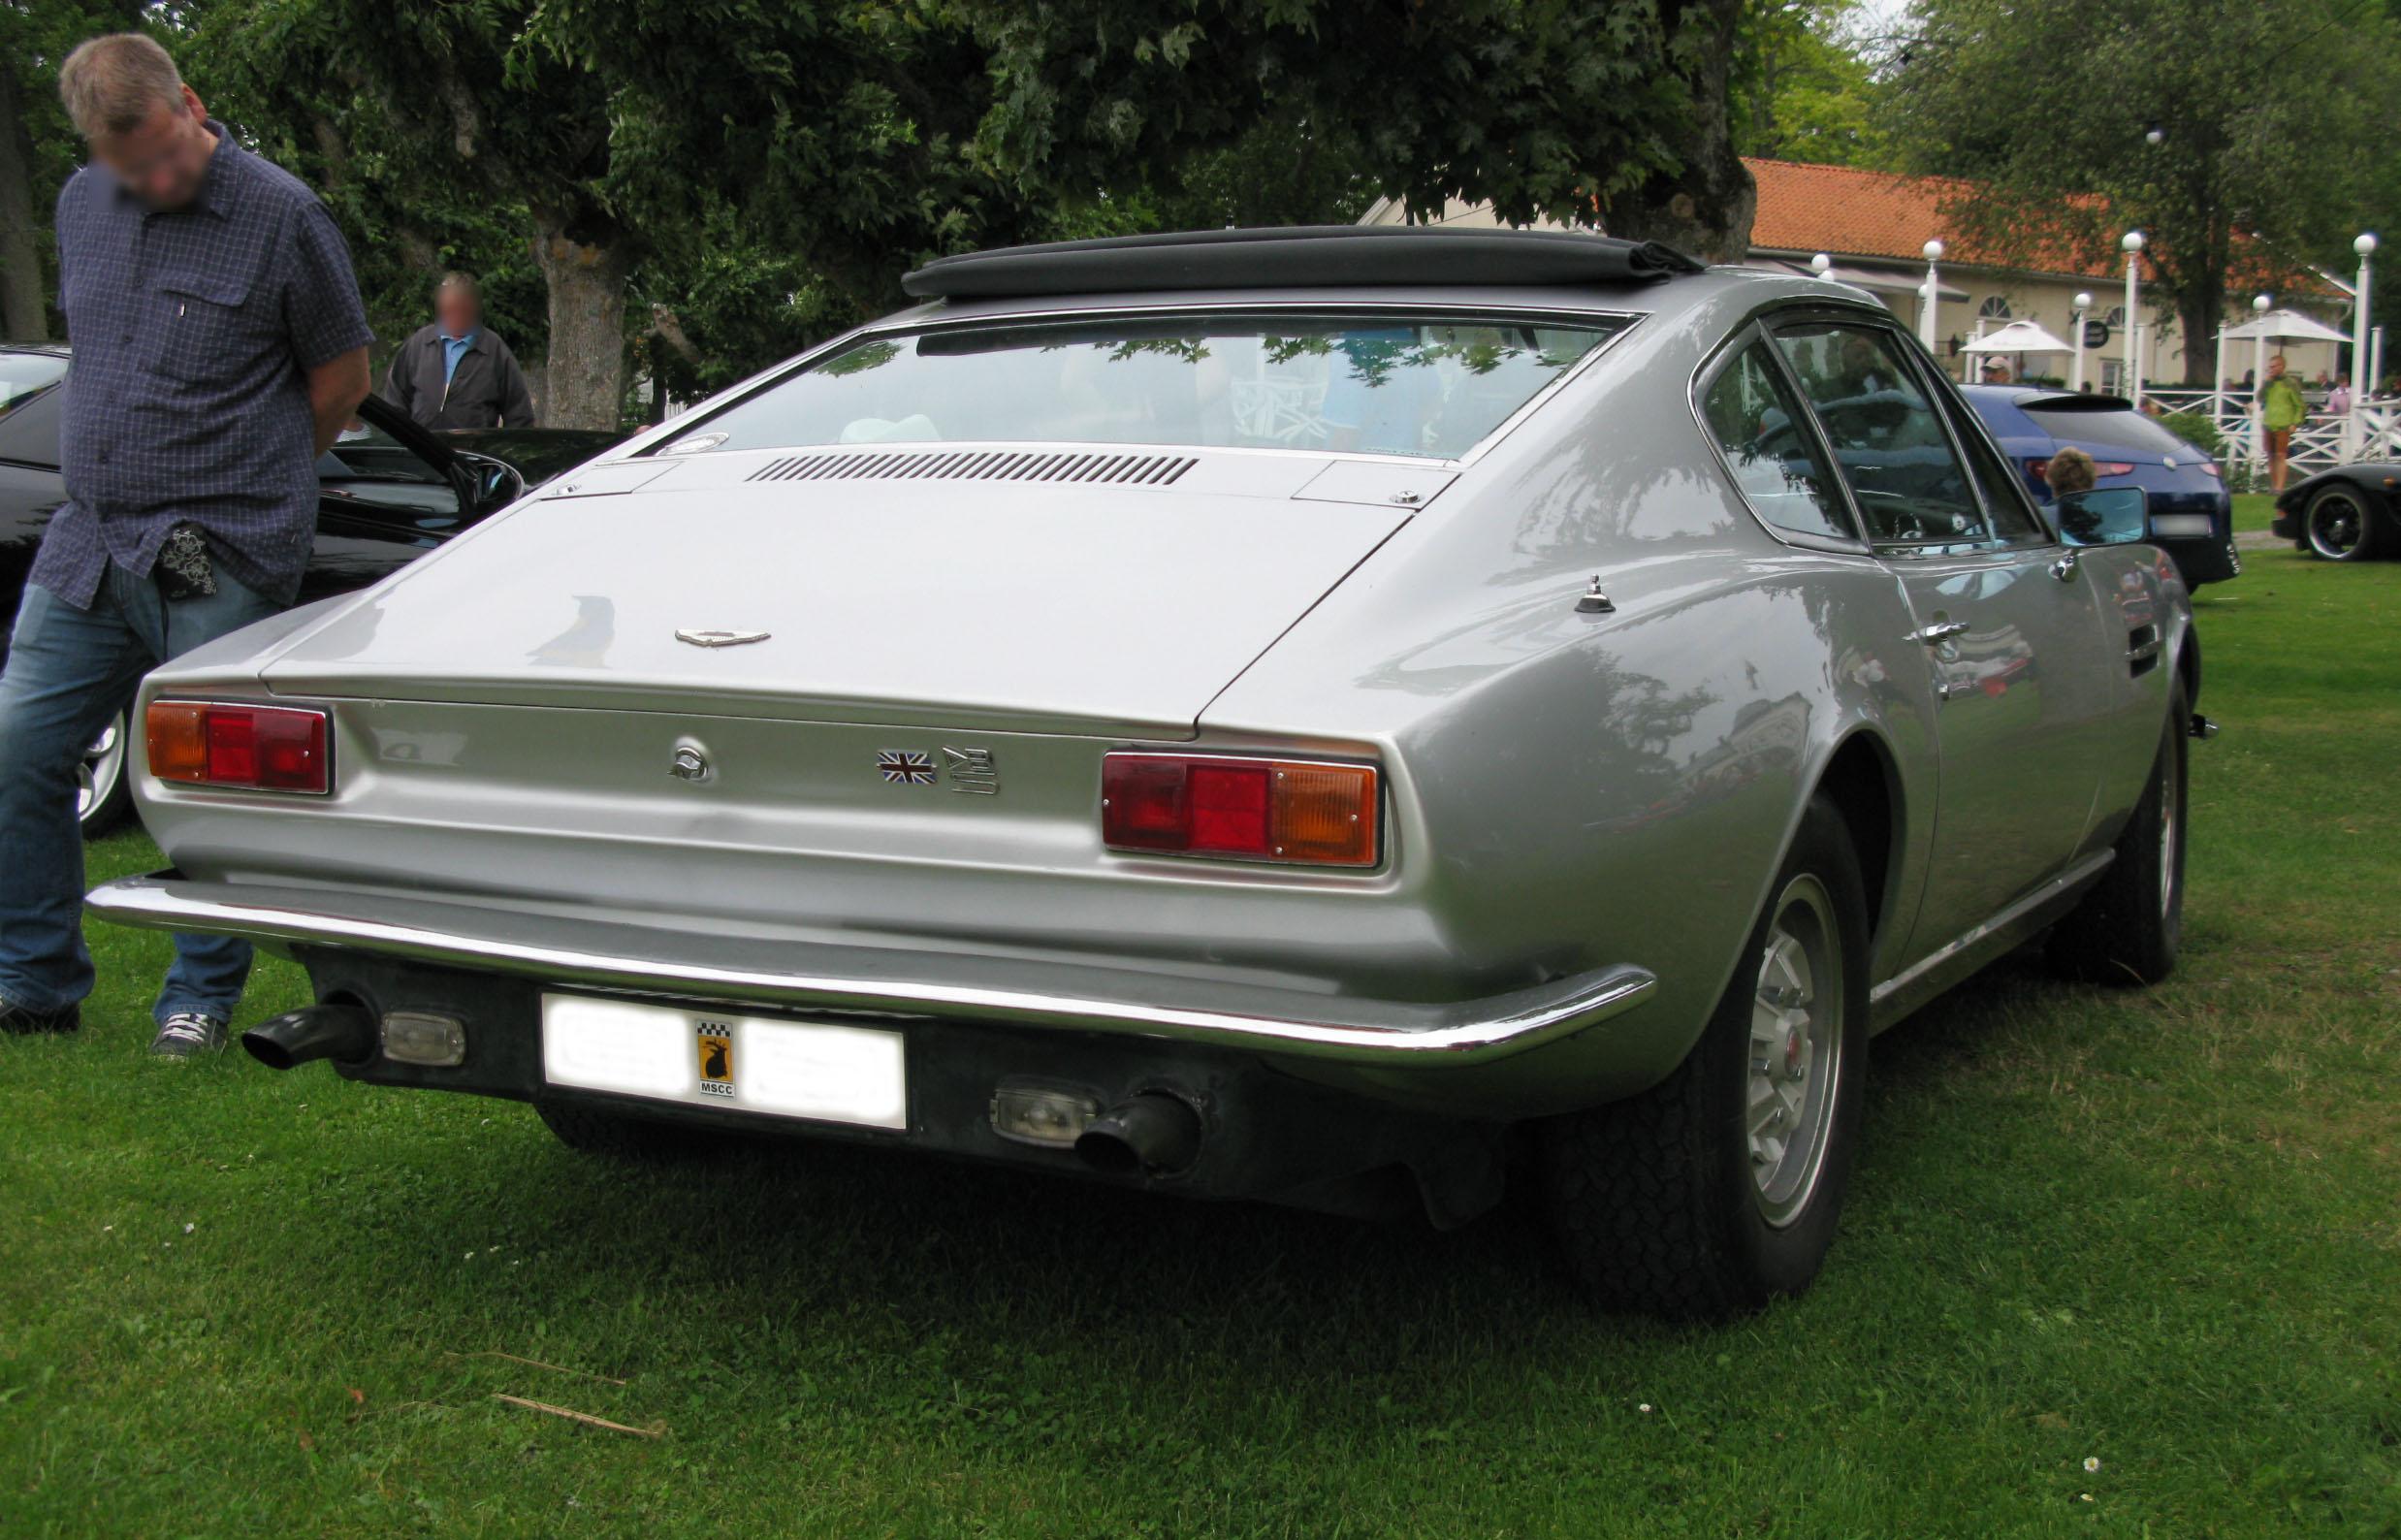 file:1970 aston martin dbs v8 rear - wikimedia commons